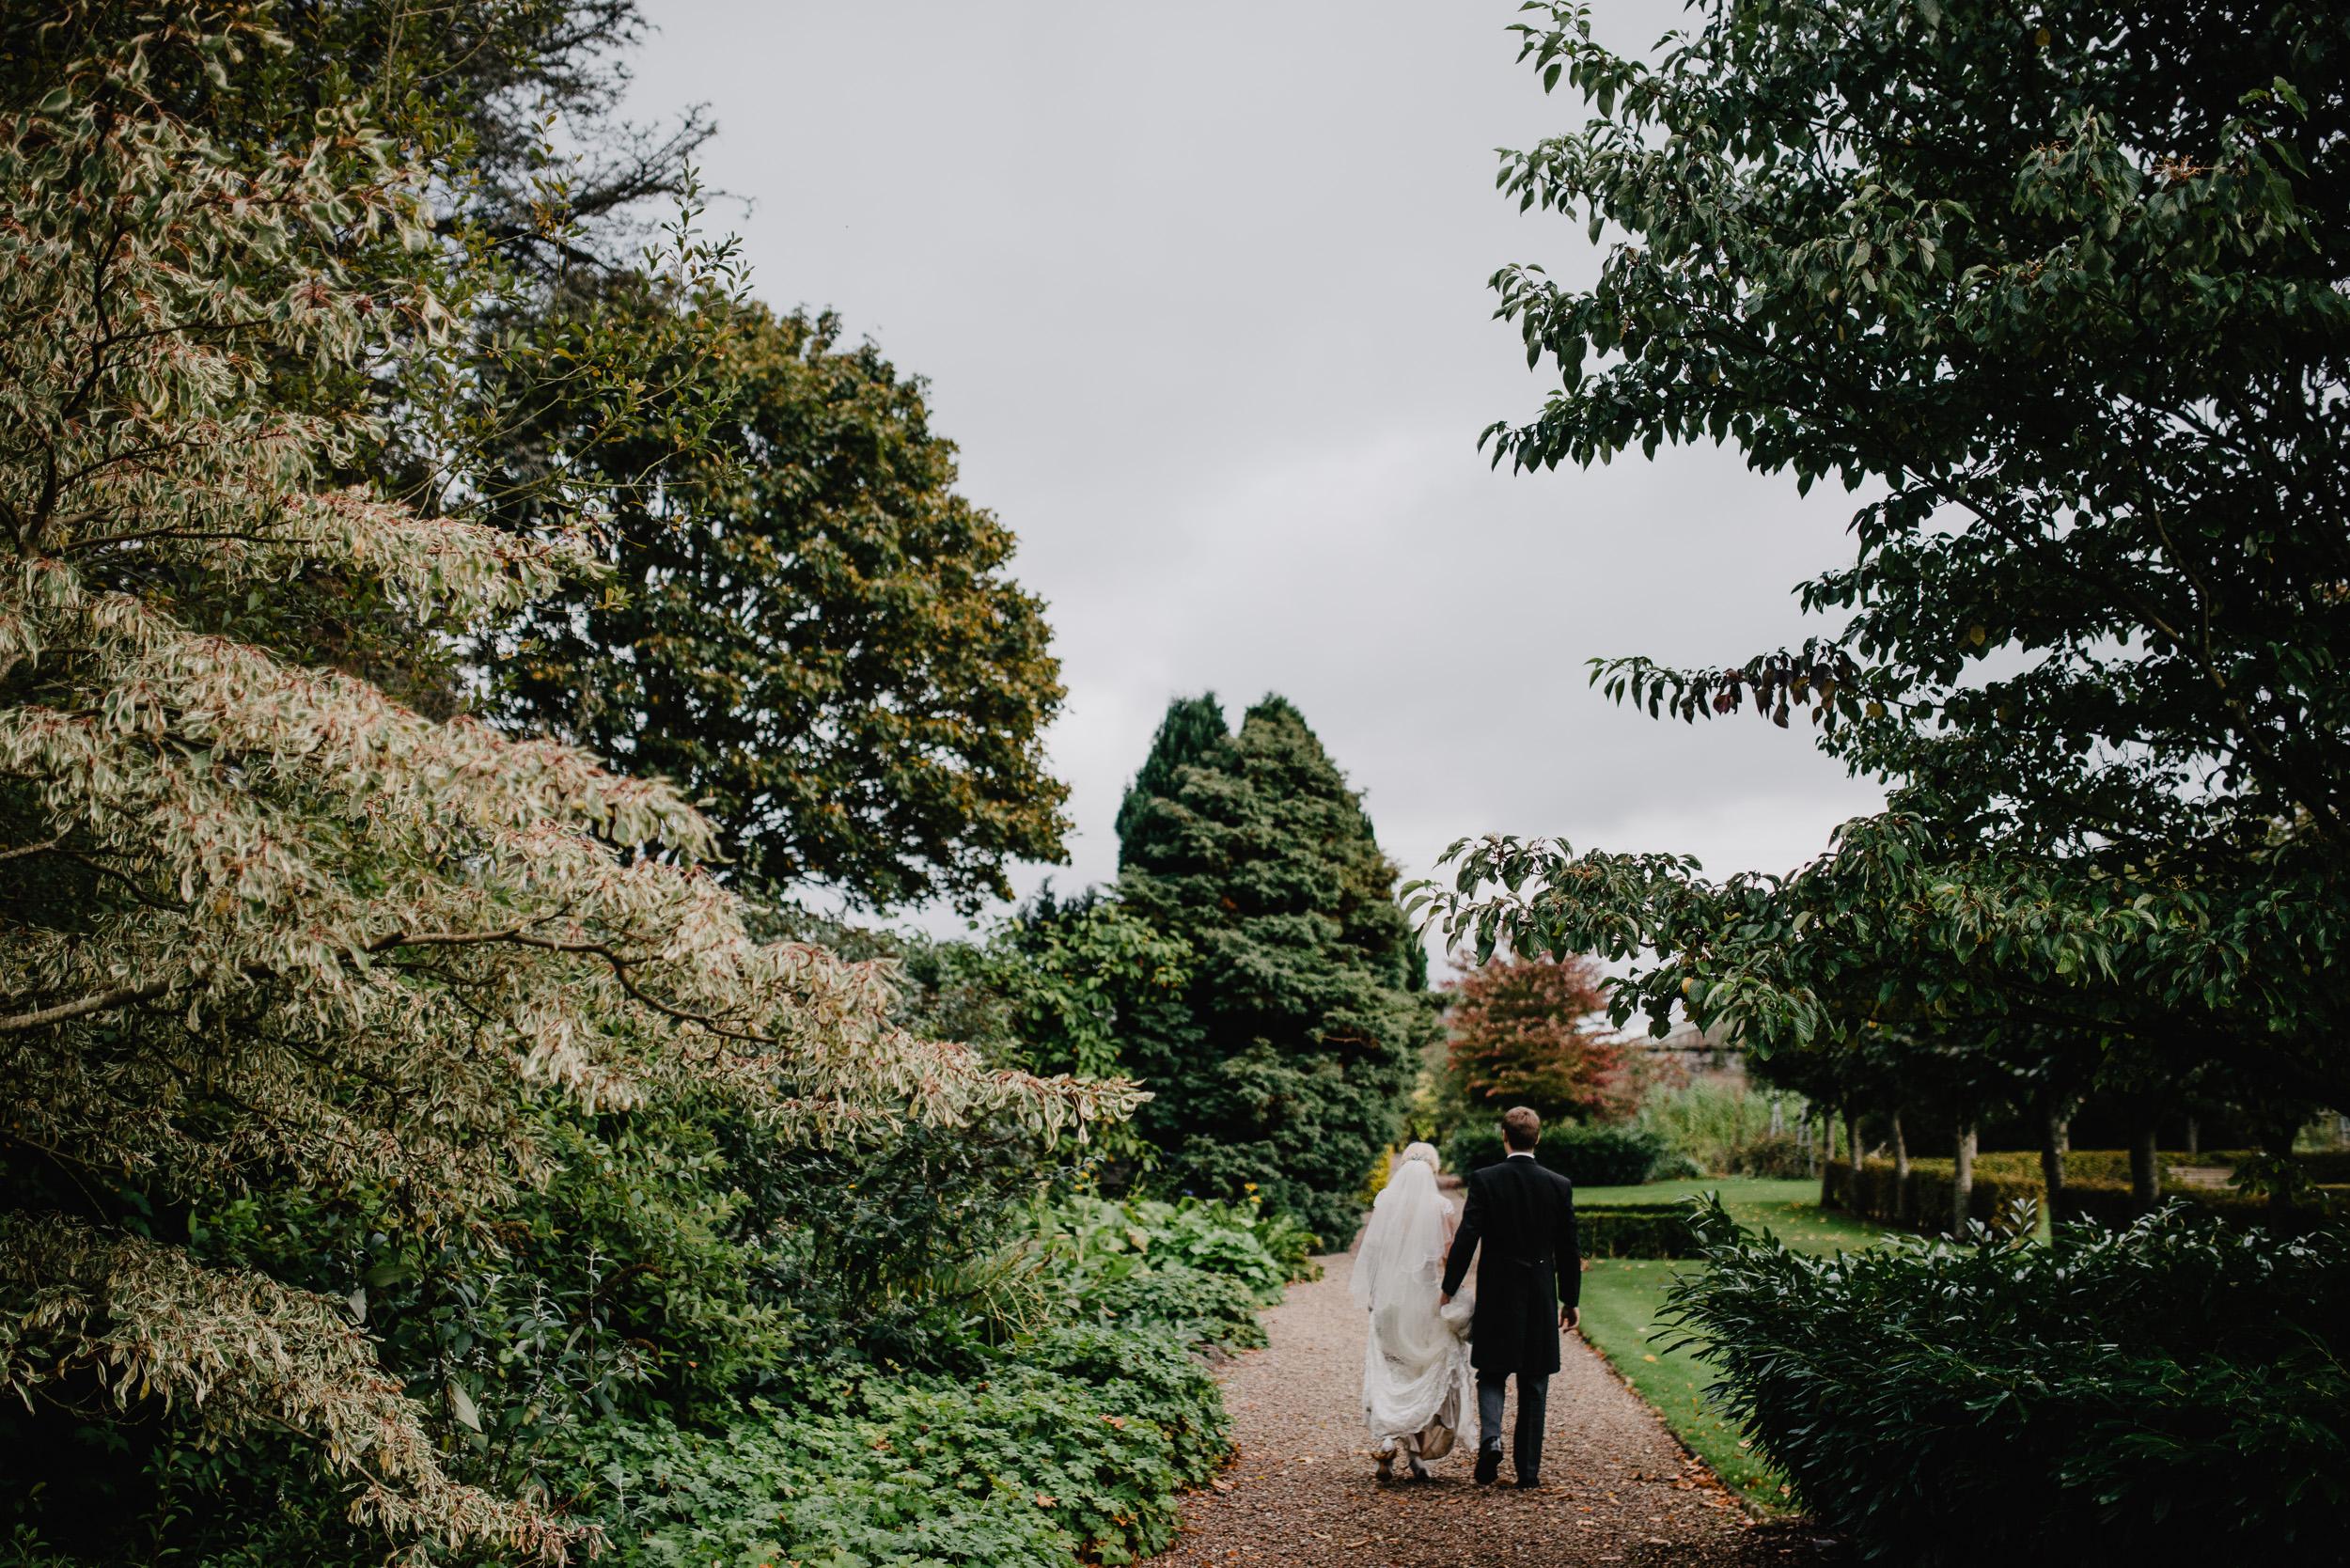 wedding photogaphy peter mackey 2018 meg-14.jpg